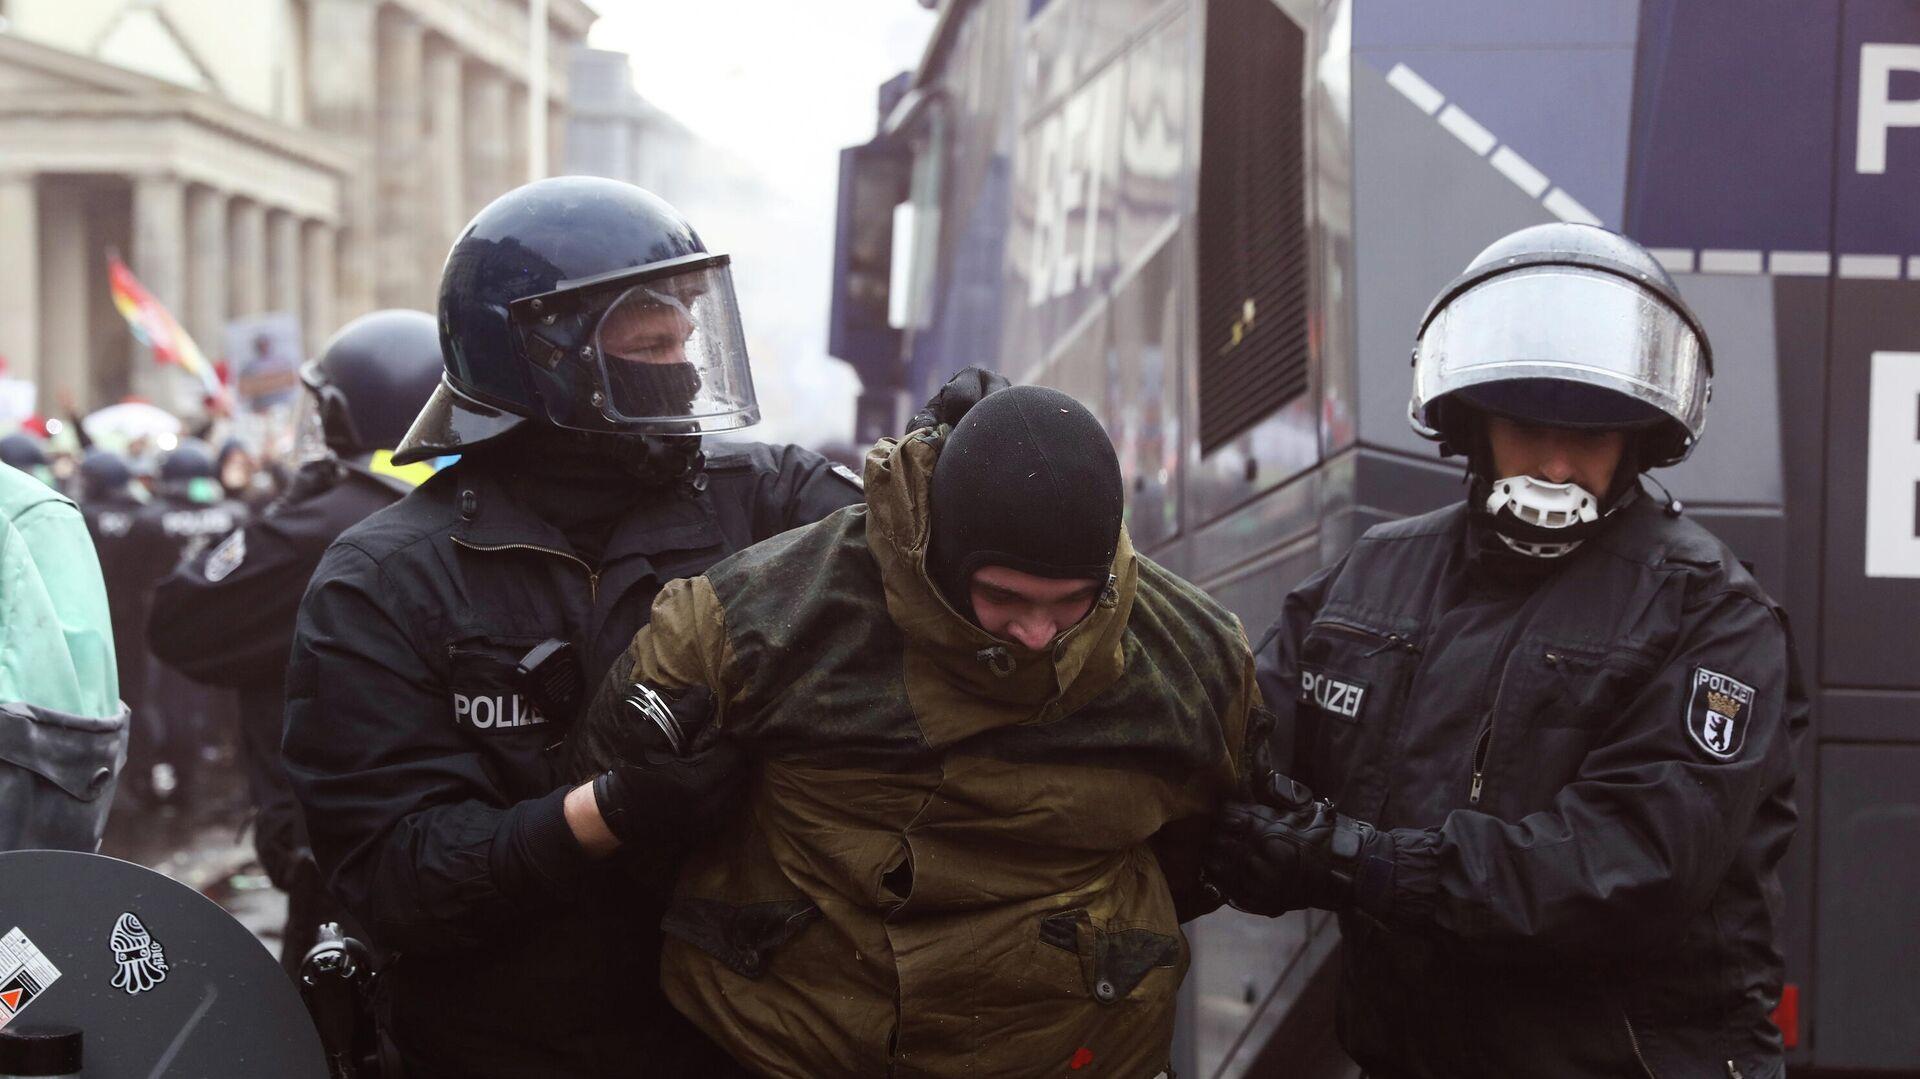 Полицейские задерживают участника протестов в Берлине - РИА Новости, 1920, 18.11.2020